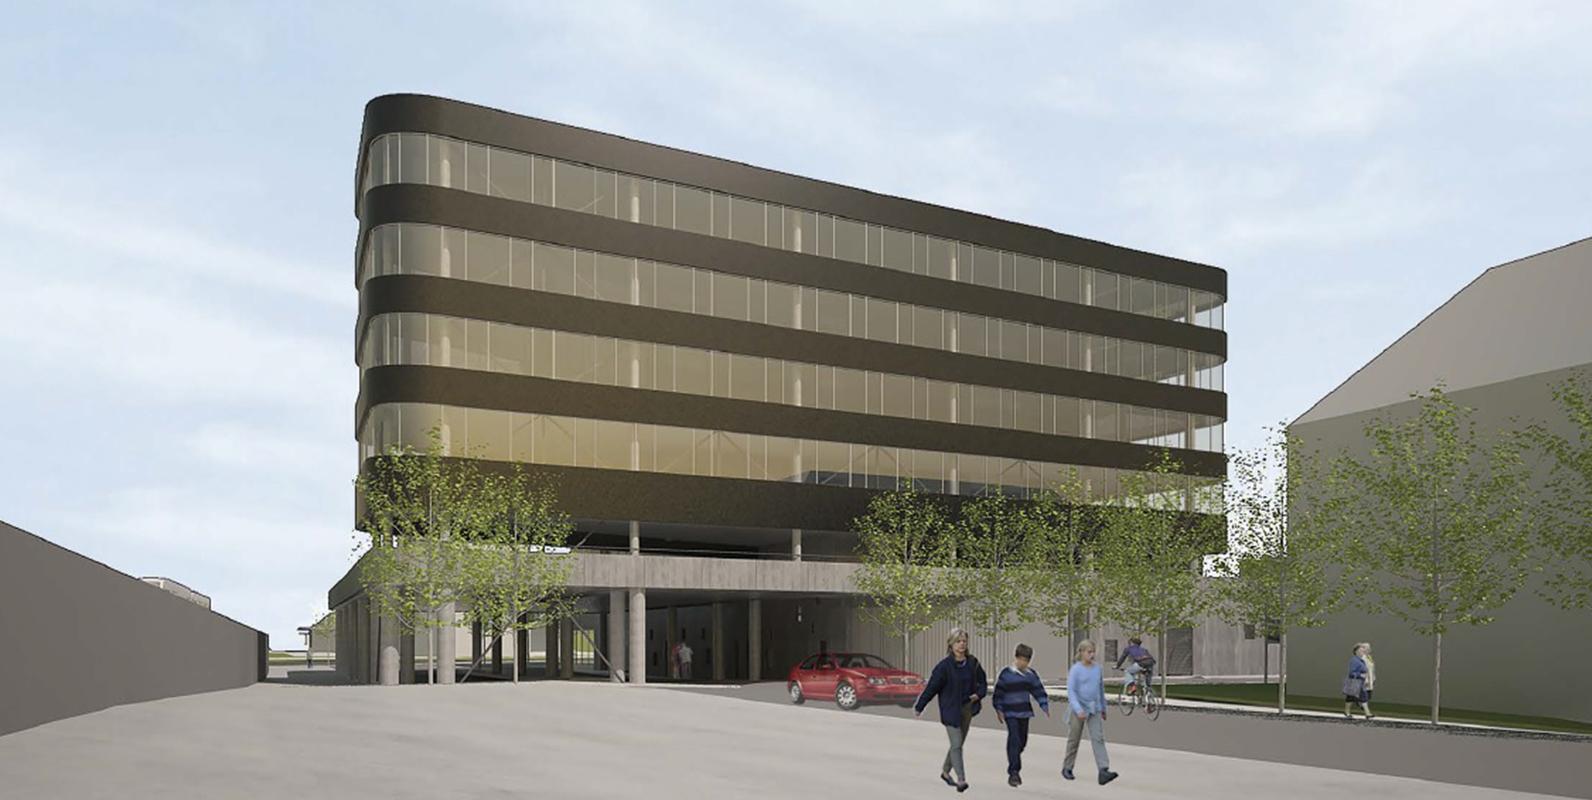 845e8f18495 ... 2018 kan den rådgivende ingeniørvirksomhed Moe tage en ny tilbygning på  3.560 kvadratmeter i brug i tilknytning til sit domicil i Søborg ved  København.